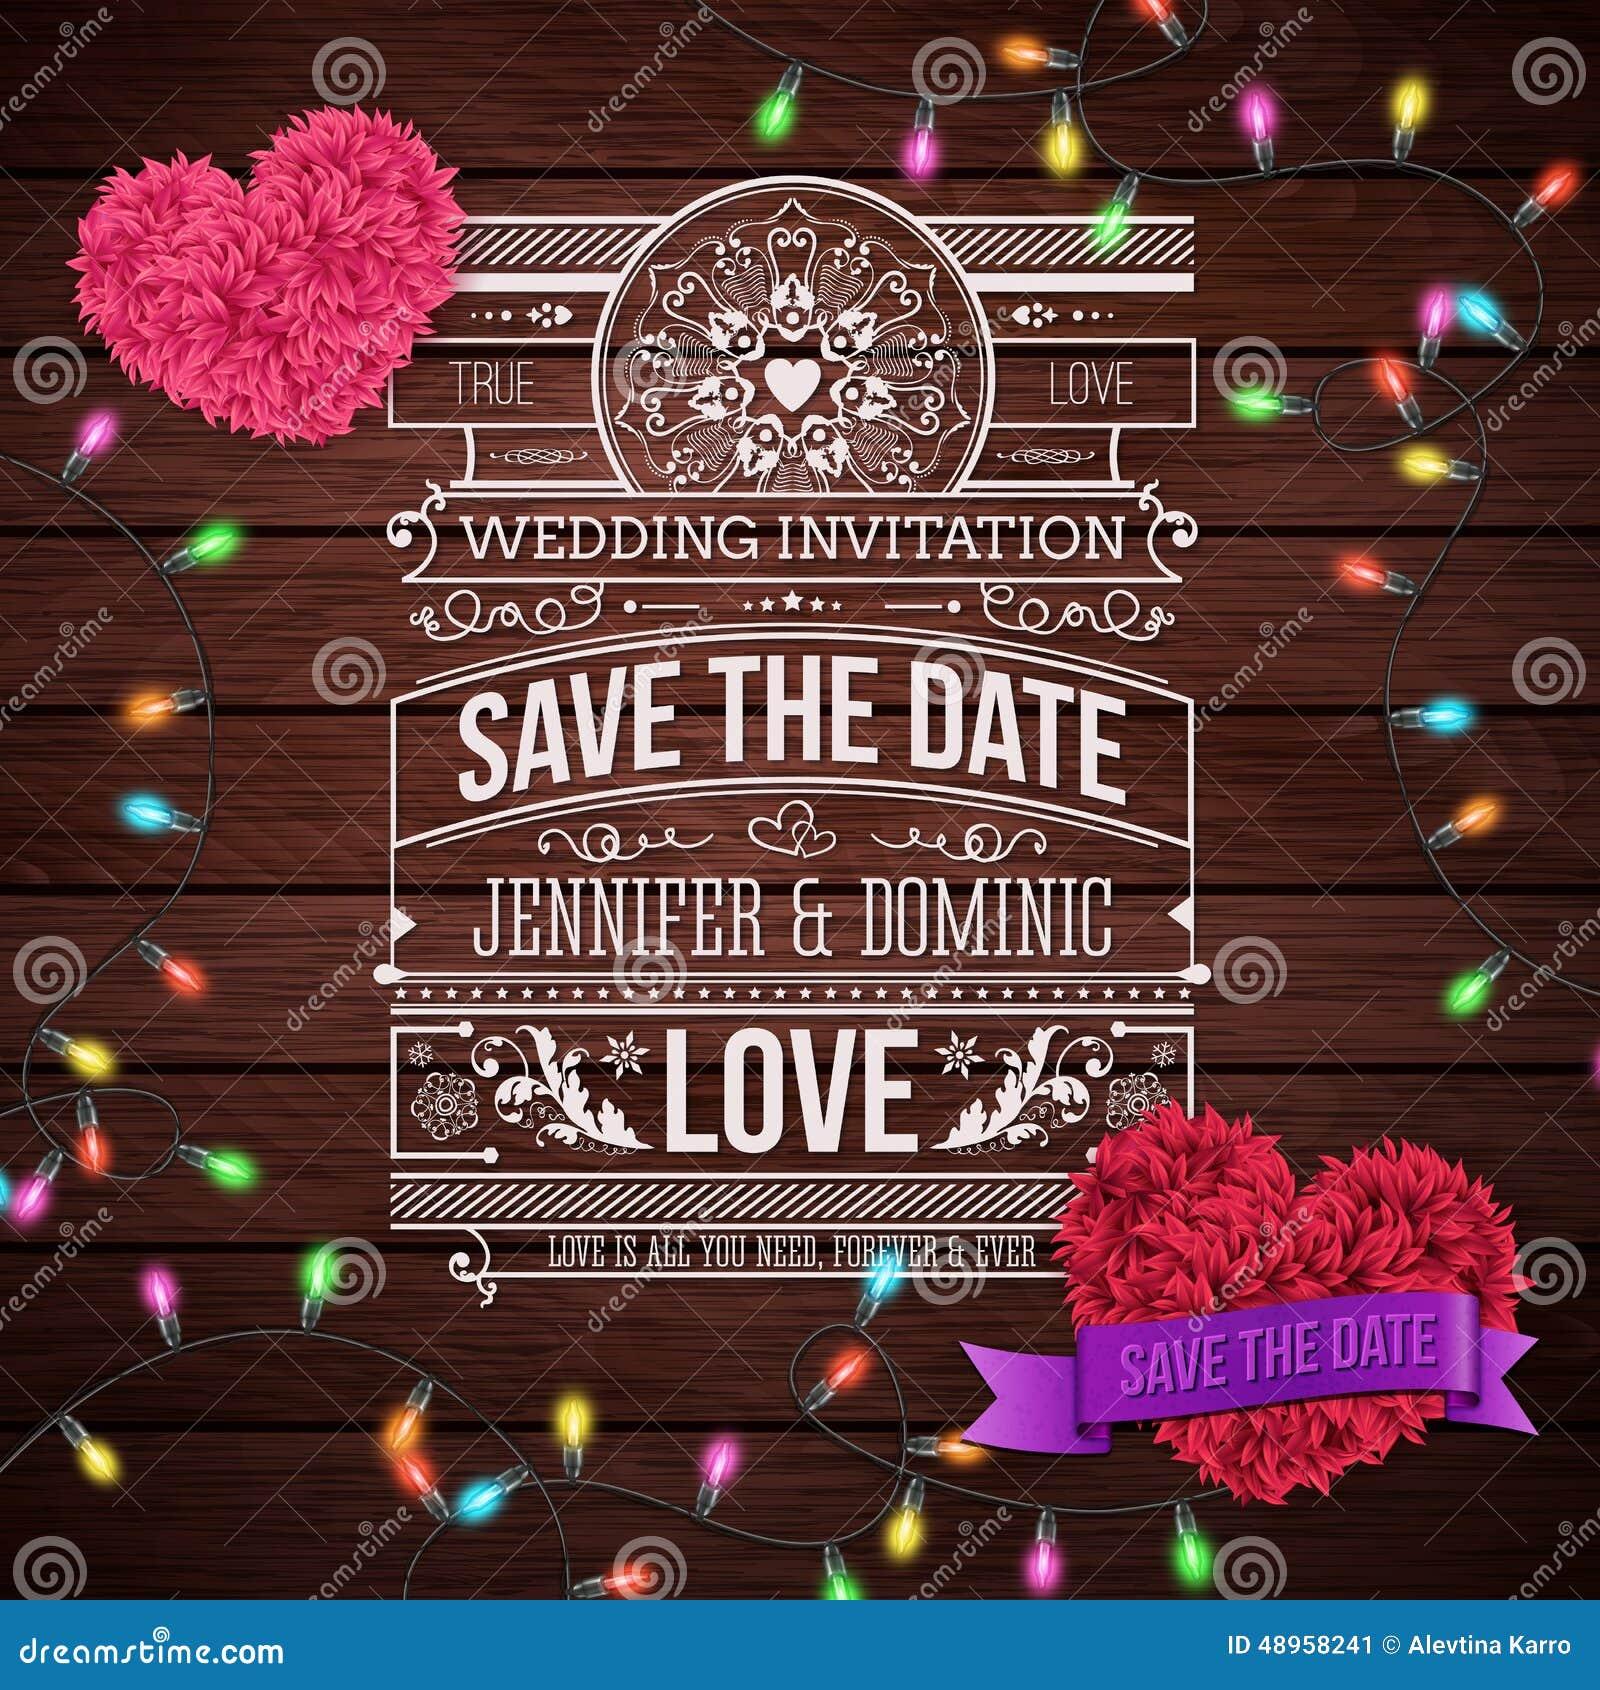 Projeto Do Convite Do Casamento No Fundo De Madeira Ilustração Do